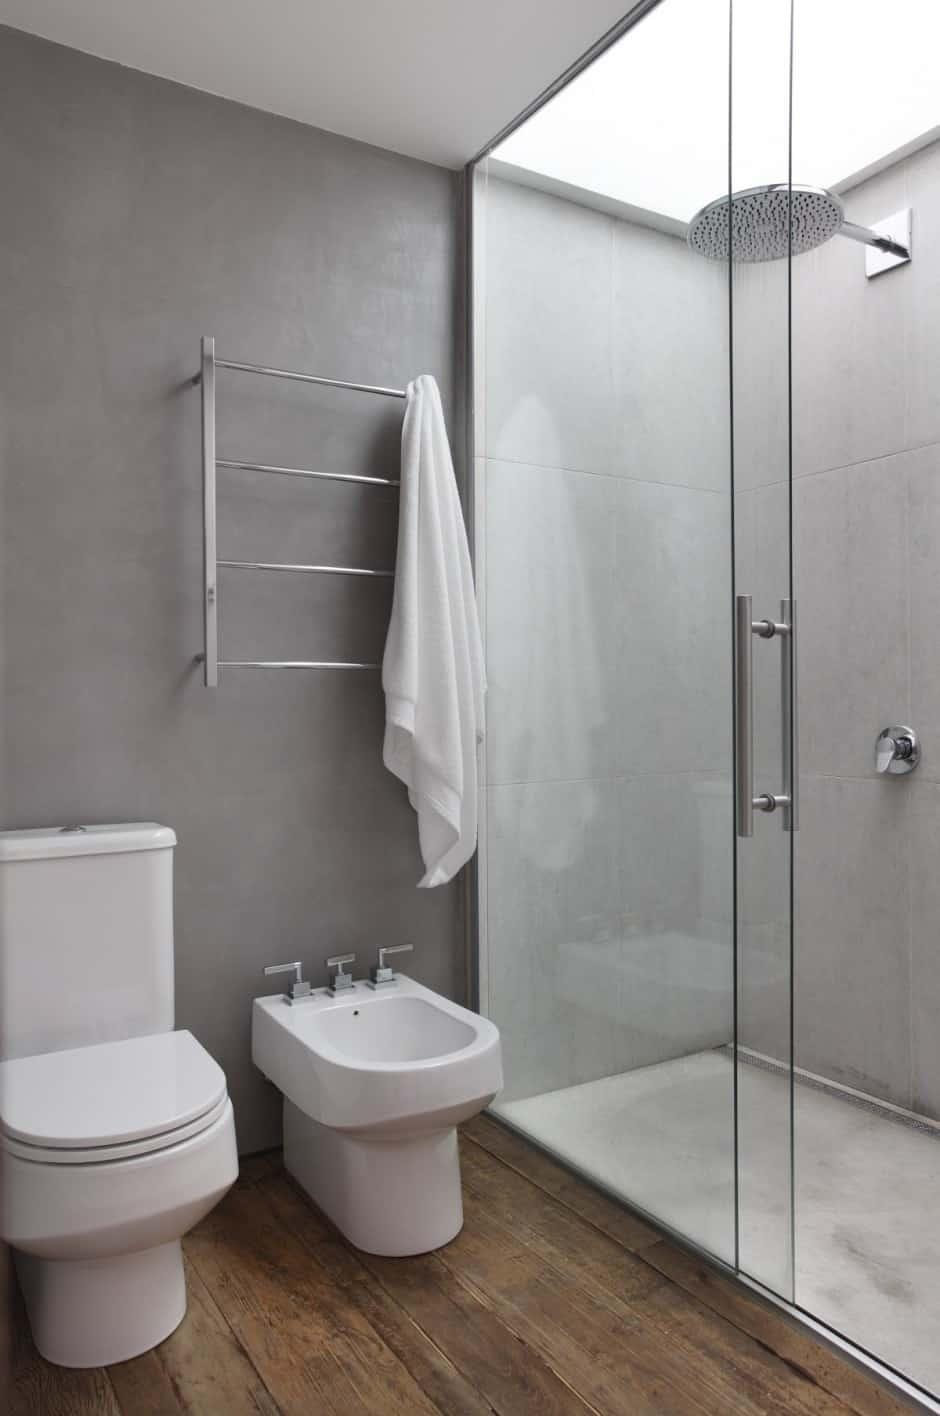 Houten vloer in de badkamer